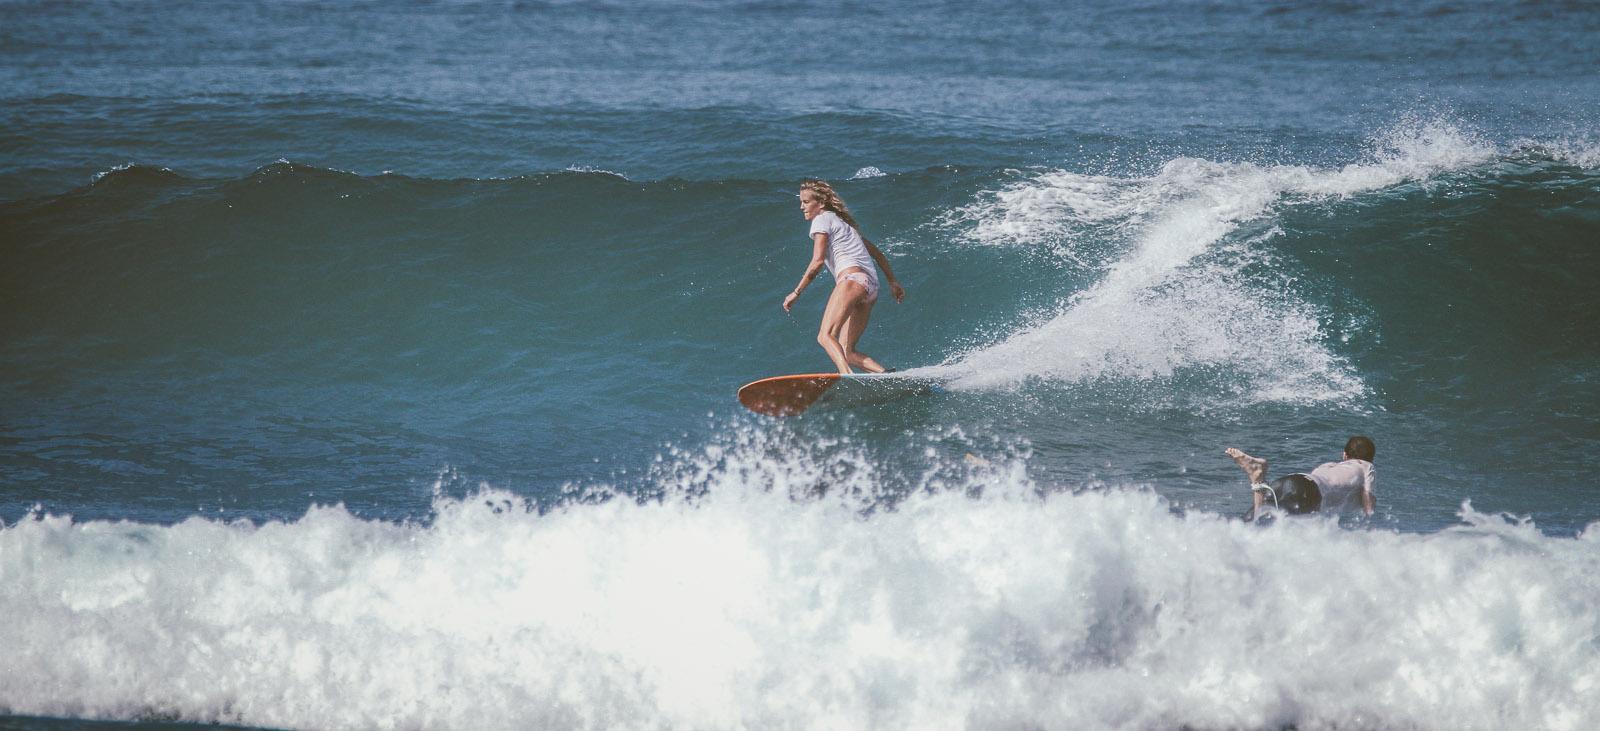 Sunshinestories-surf-sri-lanka-midigama-lazy-left-